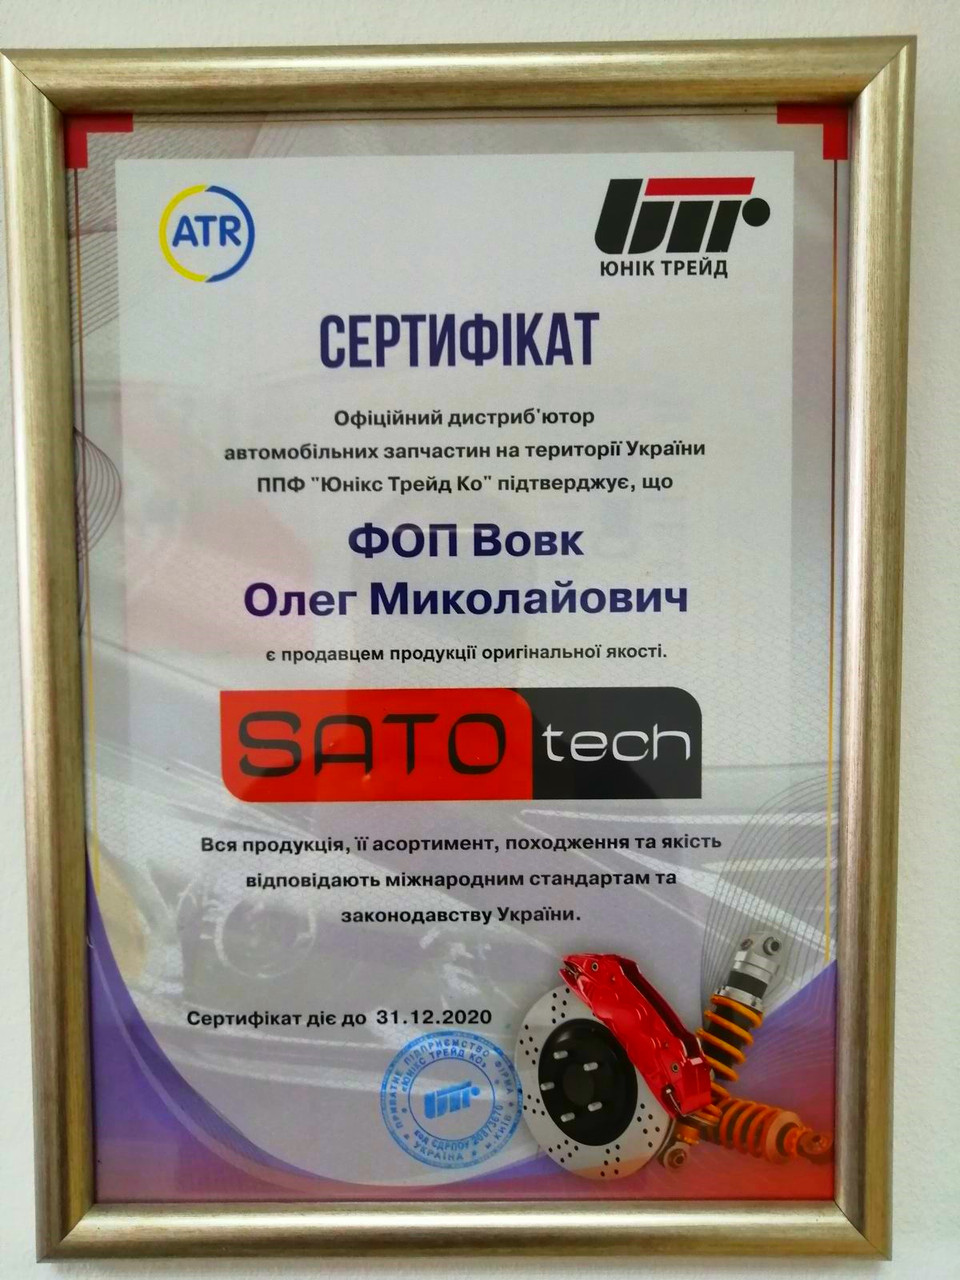 SATO Амортизатор Peugeot 5008 09-